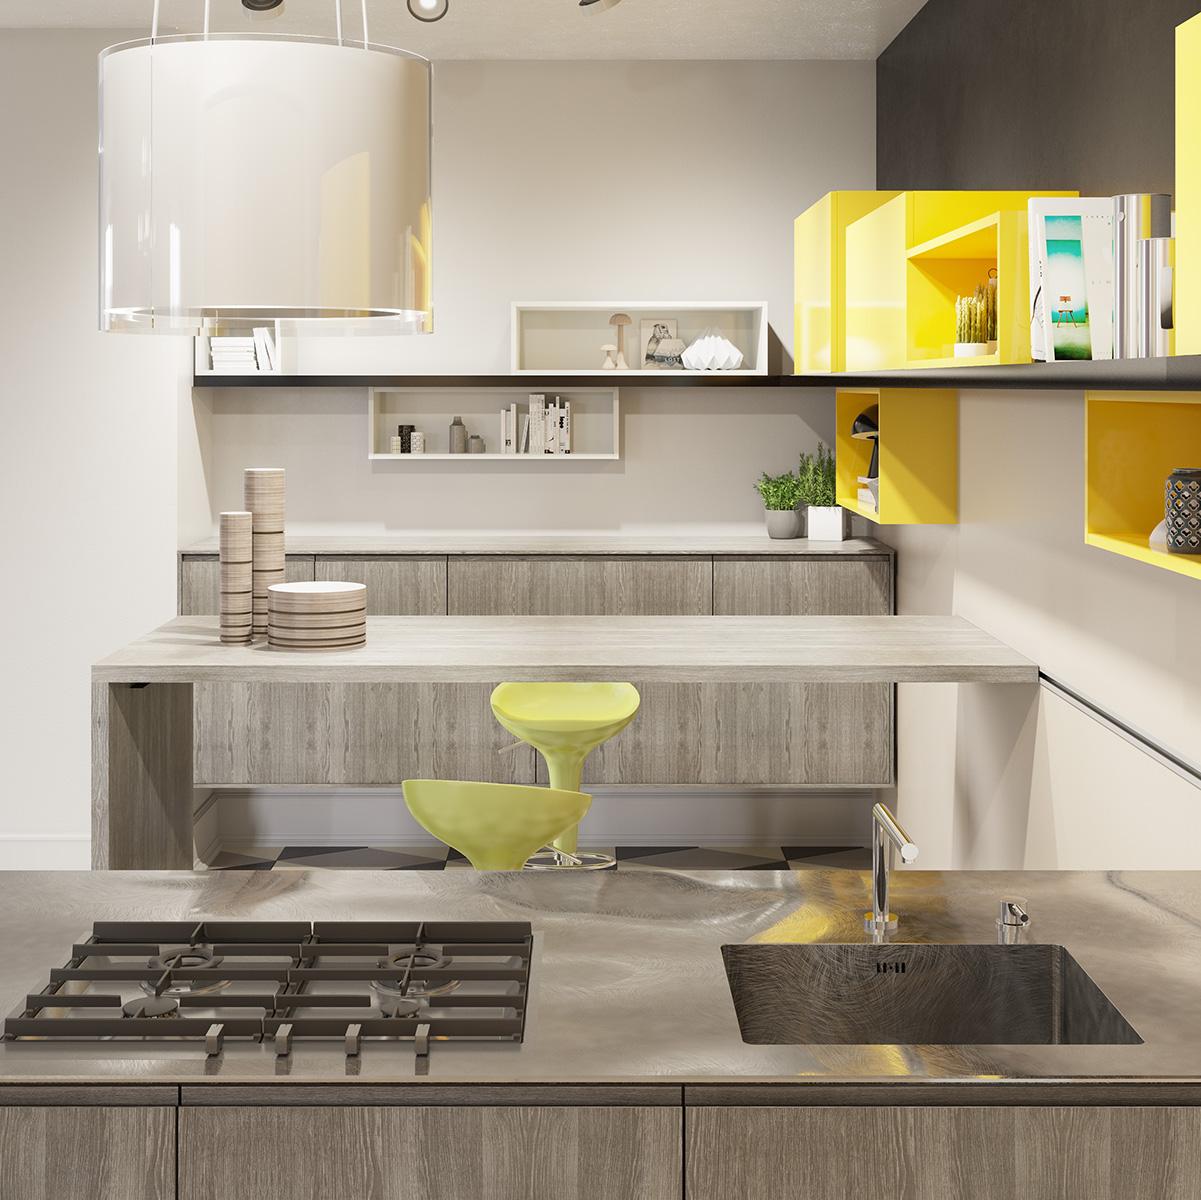 amalfi full, la nuova cucina firmata del tongo - abita design - Del Tongo Cucine Prezzi